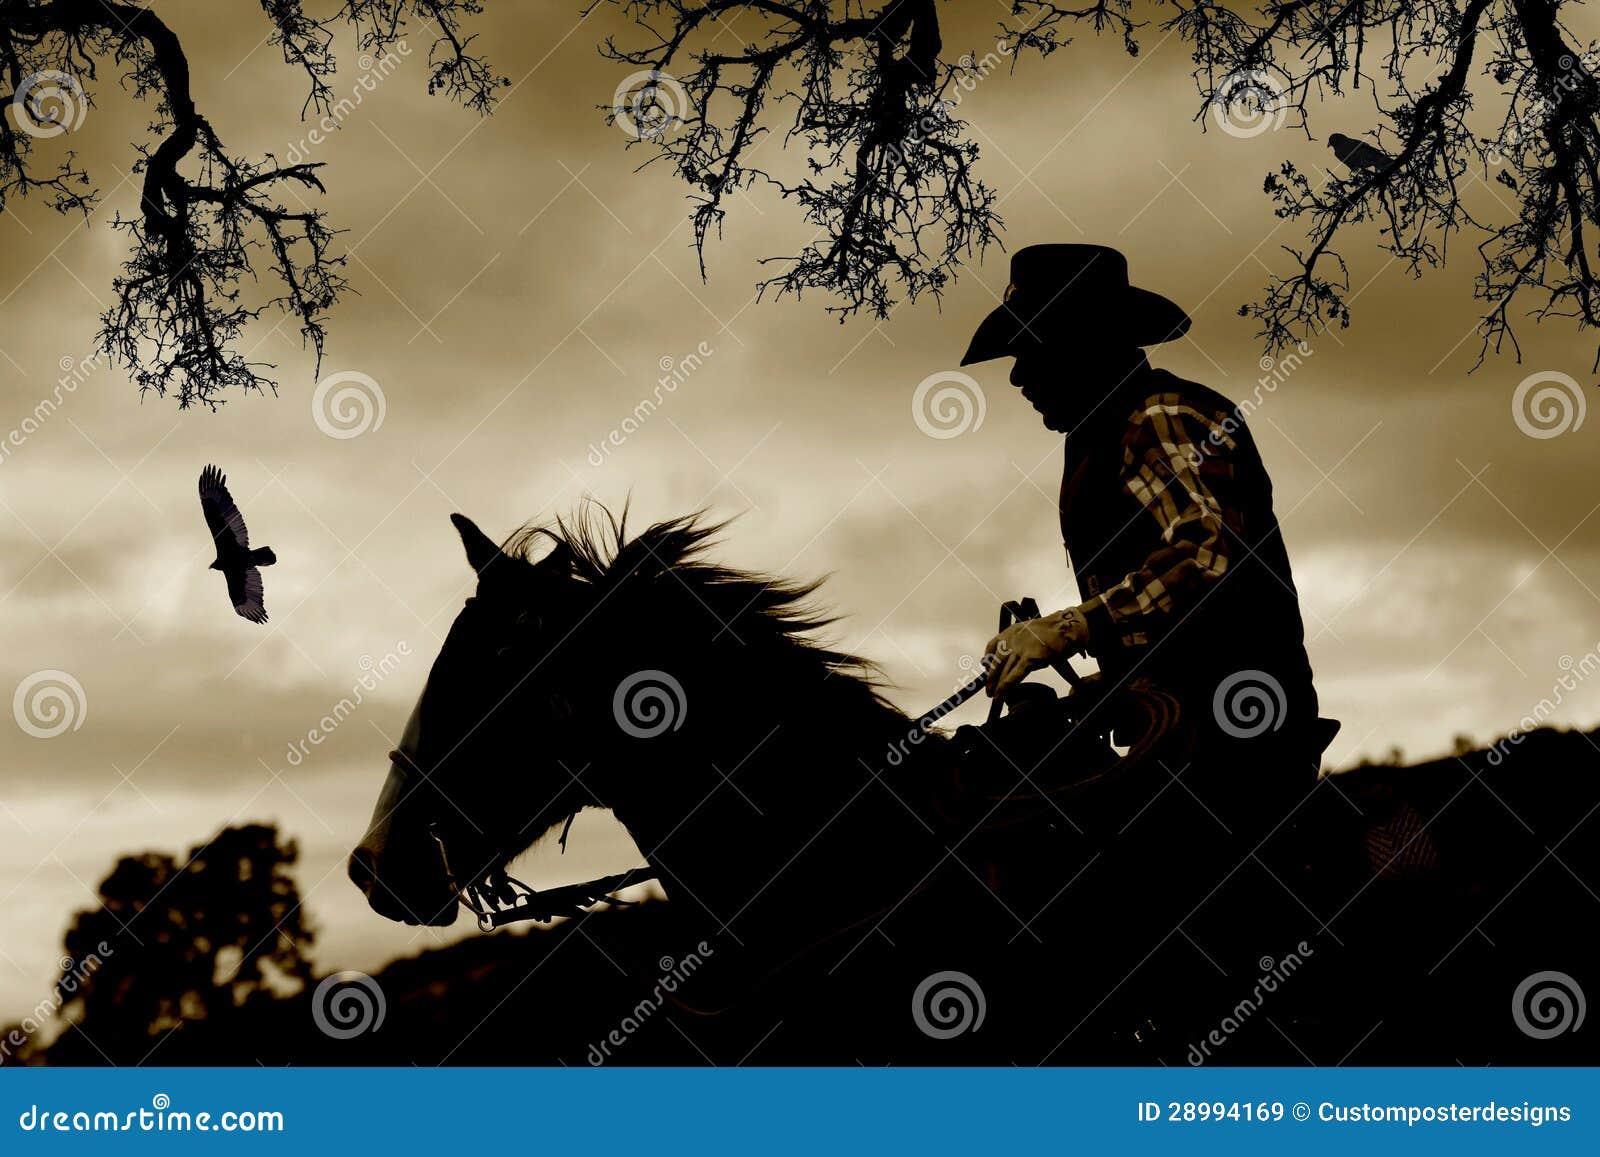 Um cowboy, um cavalo e uns pássaros no sepia.